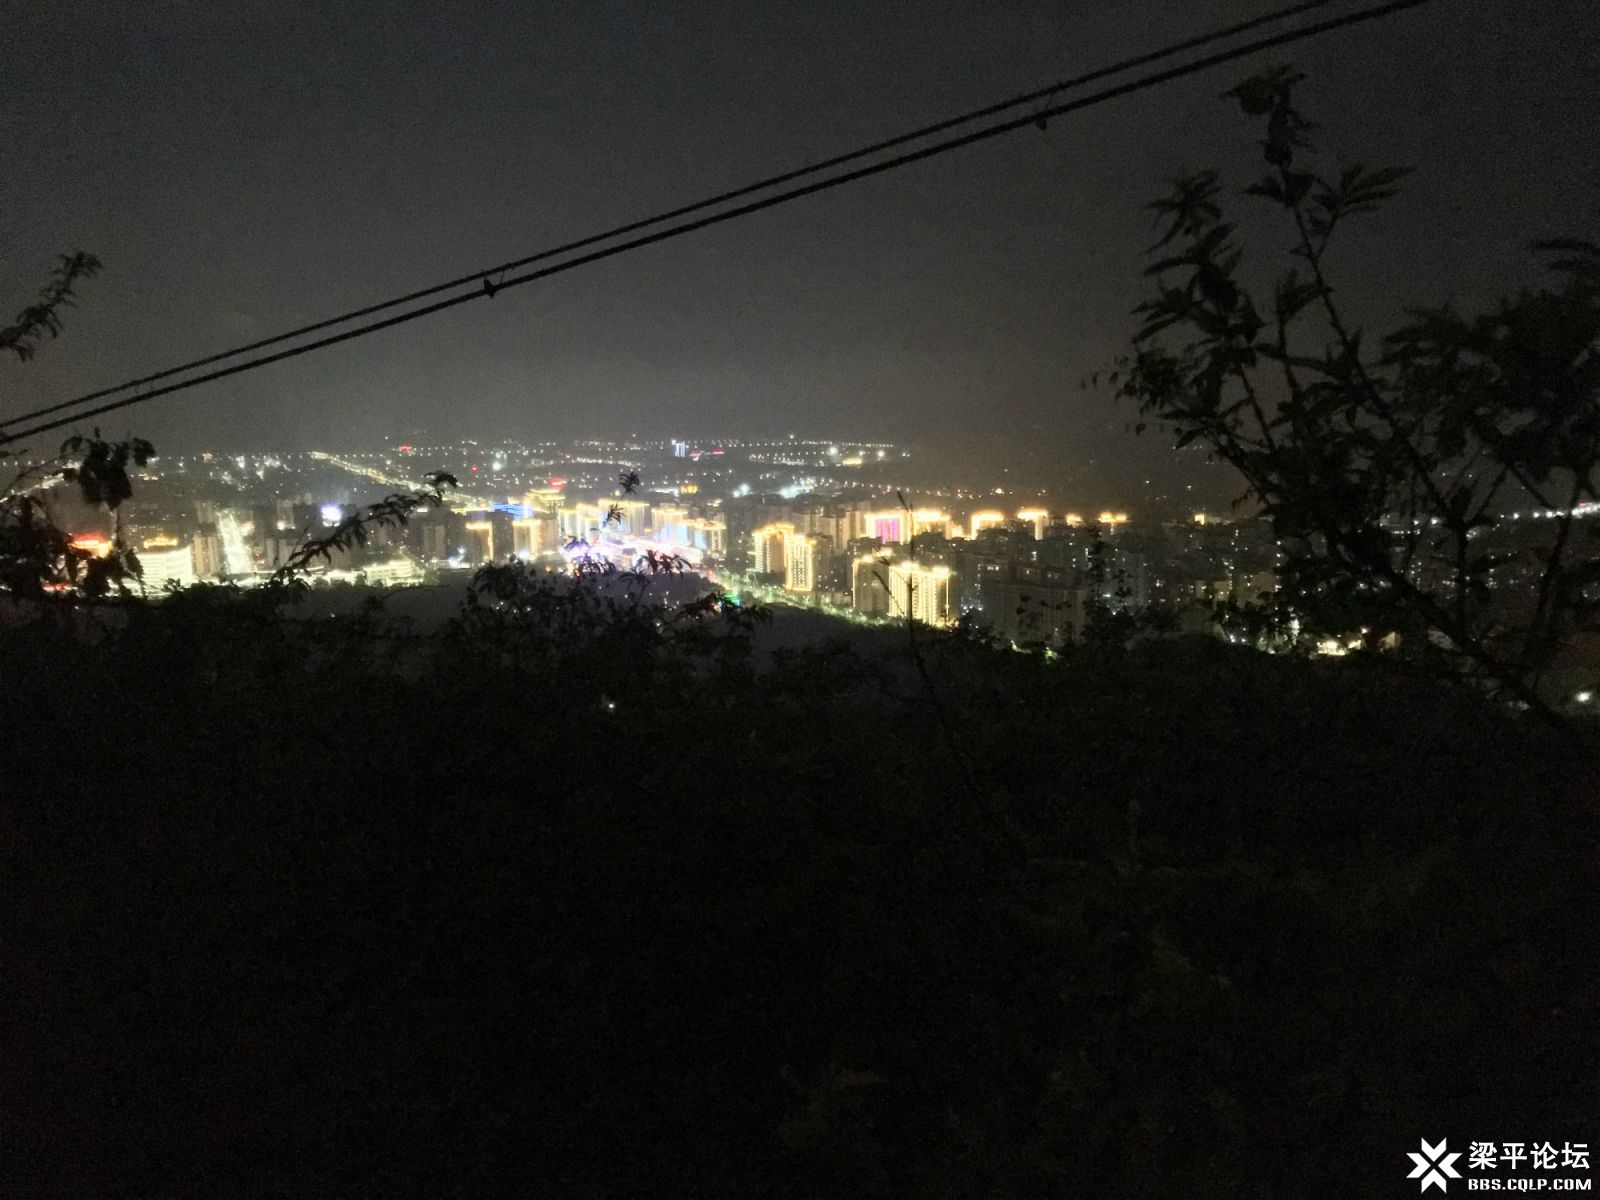 花园寨基站(点3)观梁平新城夜景1.jpg